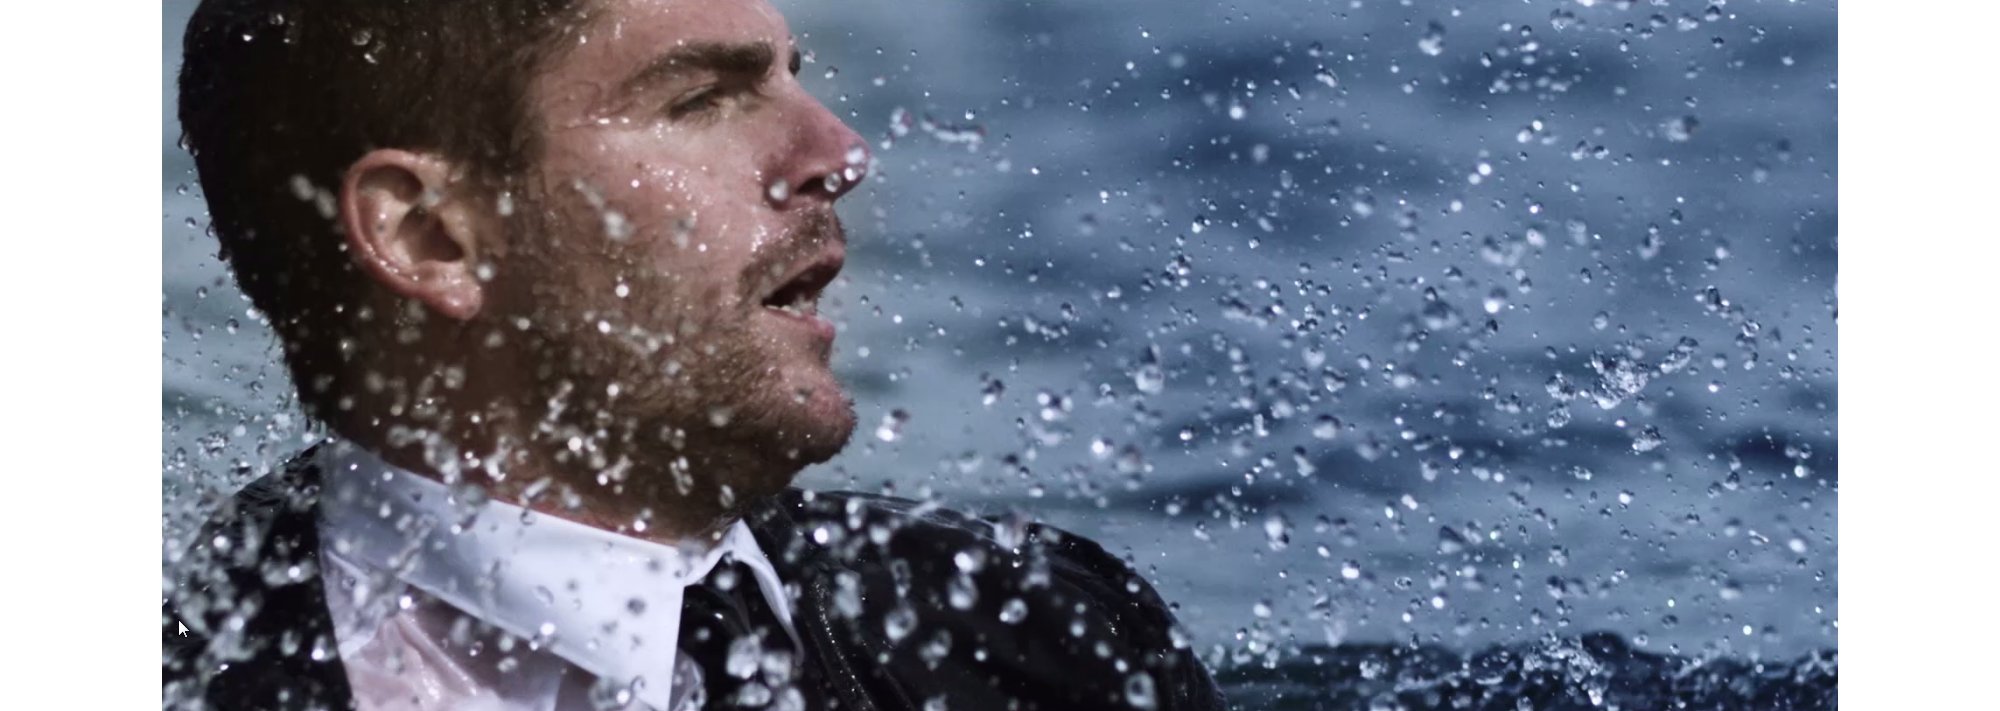 David Colturi taucht ins Wasser ein